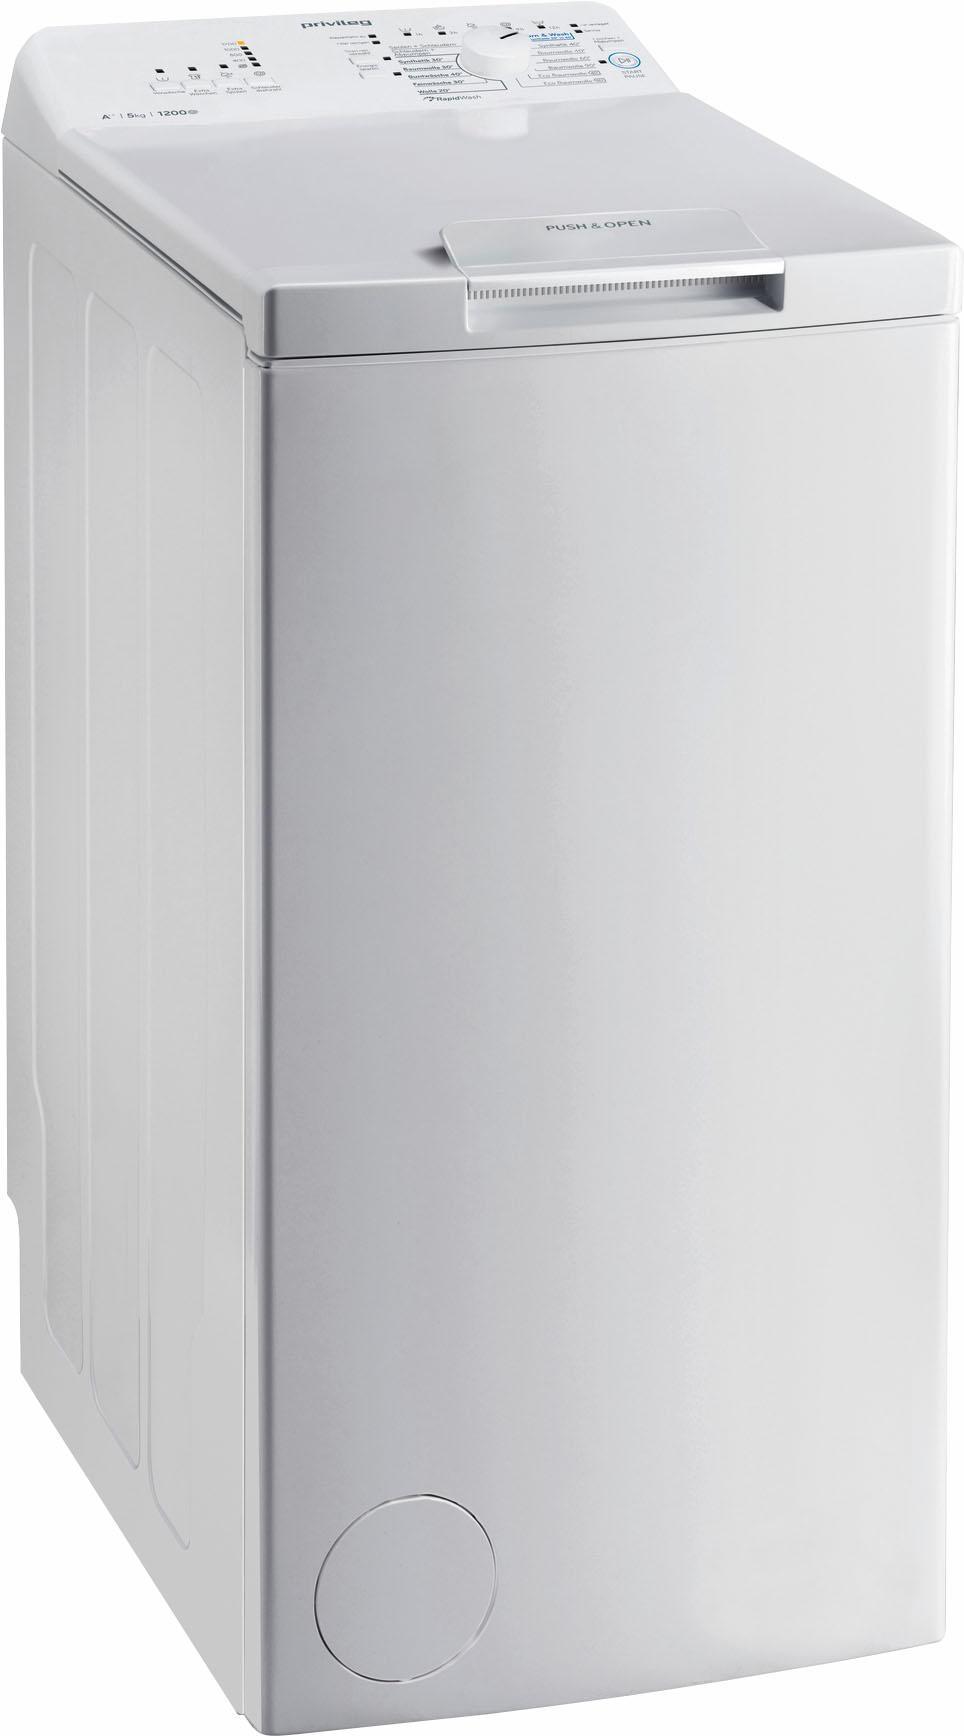 Privileg Waschmaschine Toplader PWT A51252P | Bad > Waschmaschinen und Trockner > Toplader | Weiß | Privileg